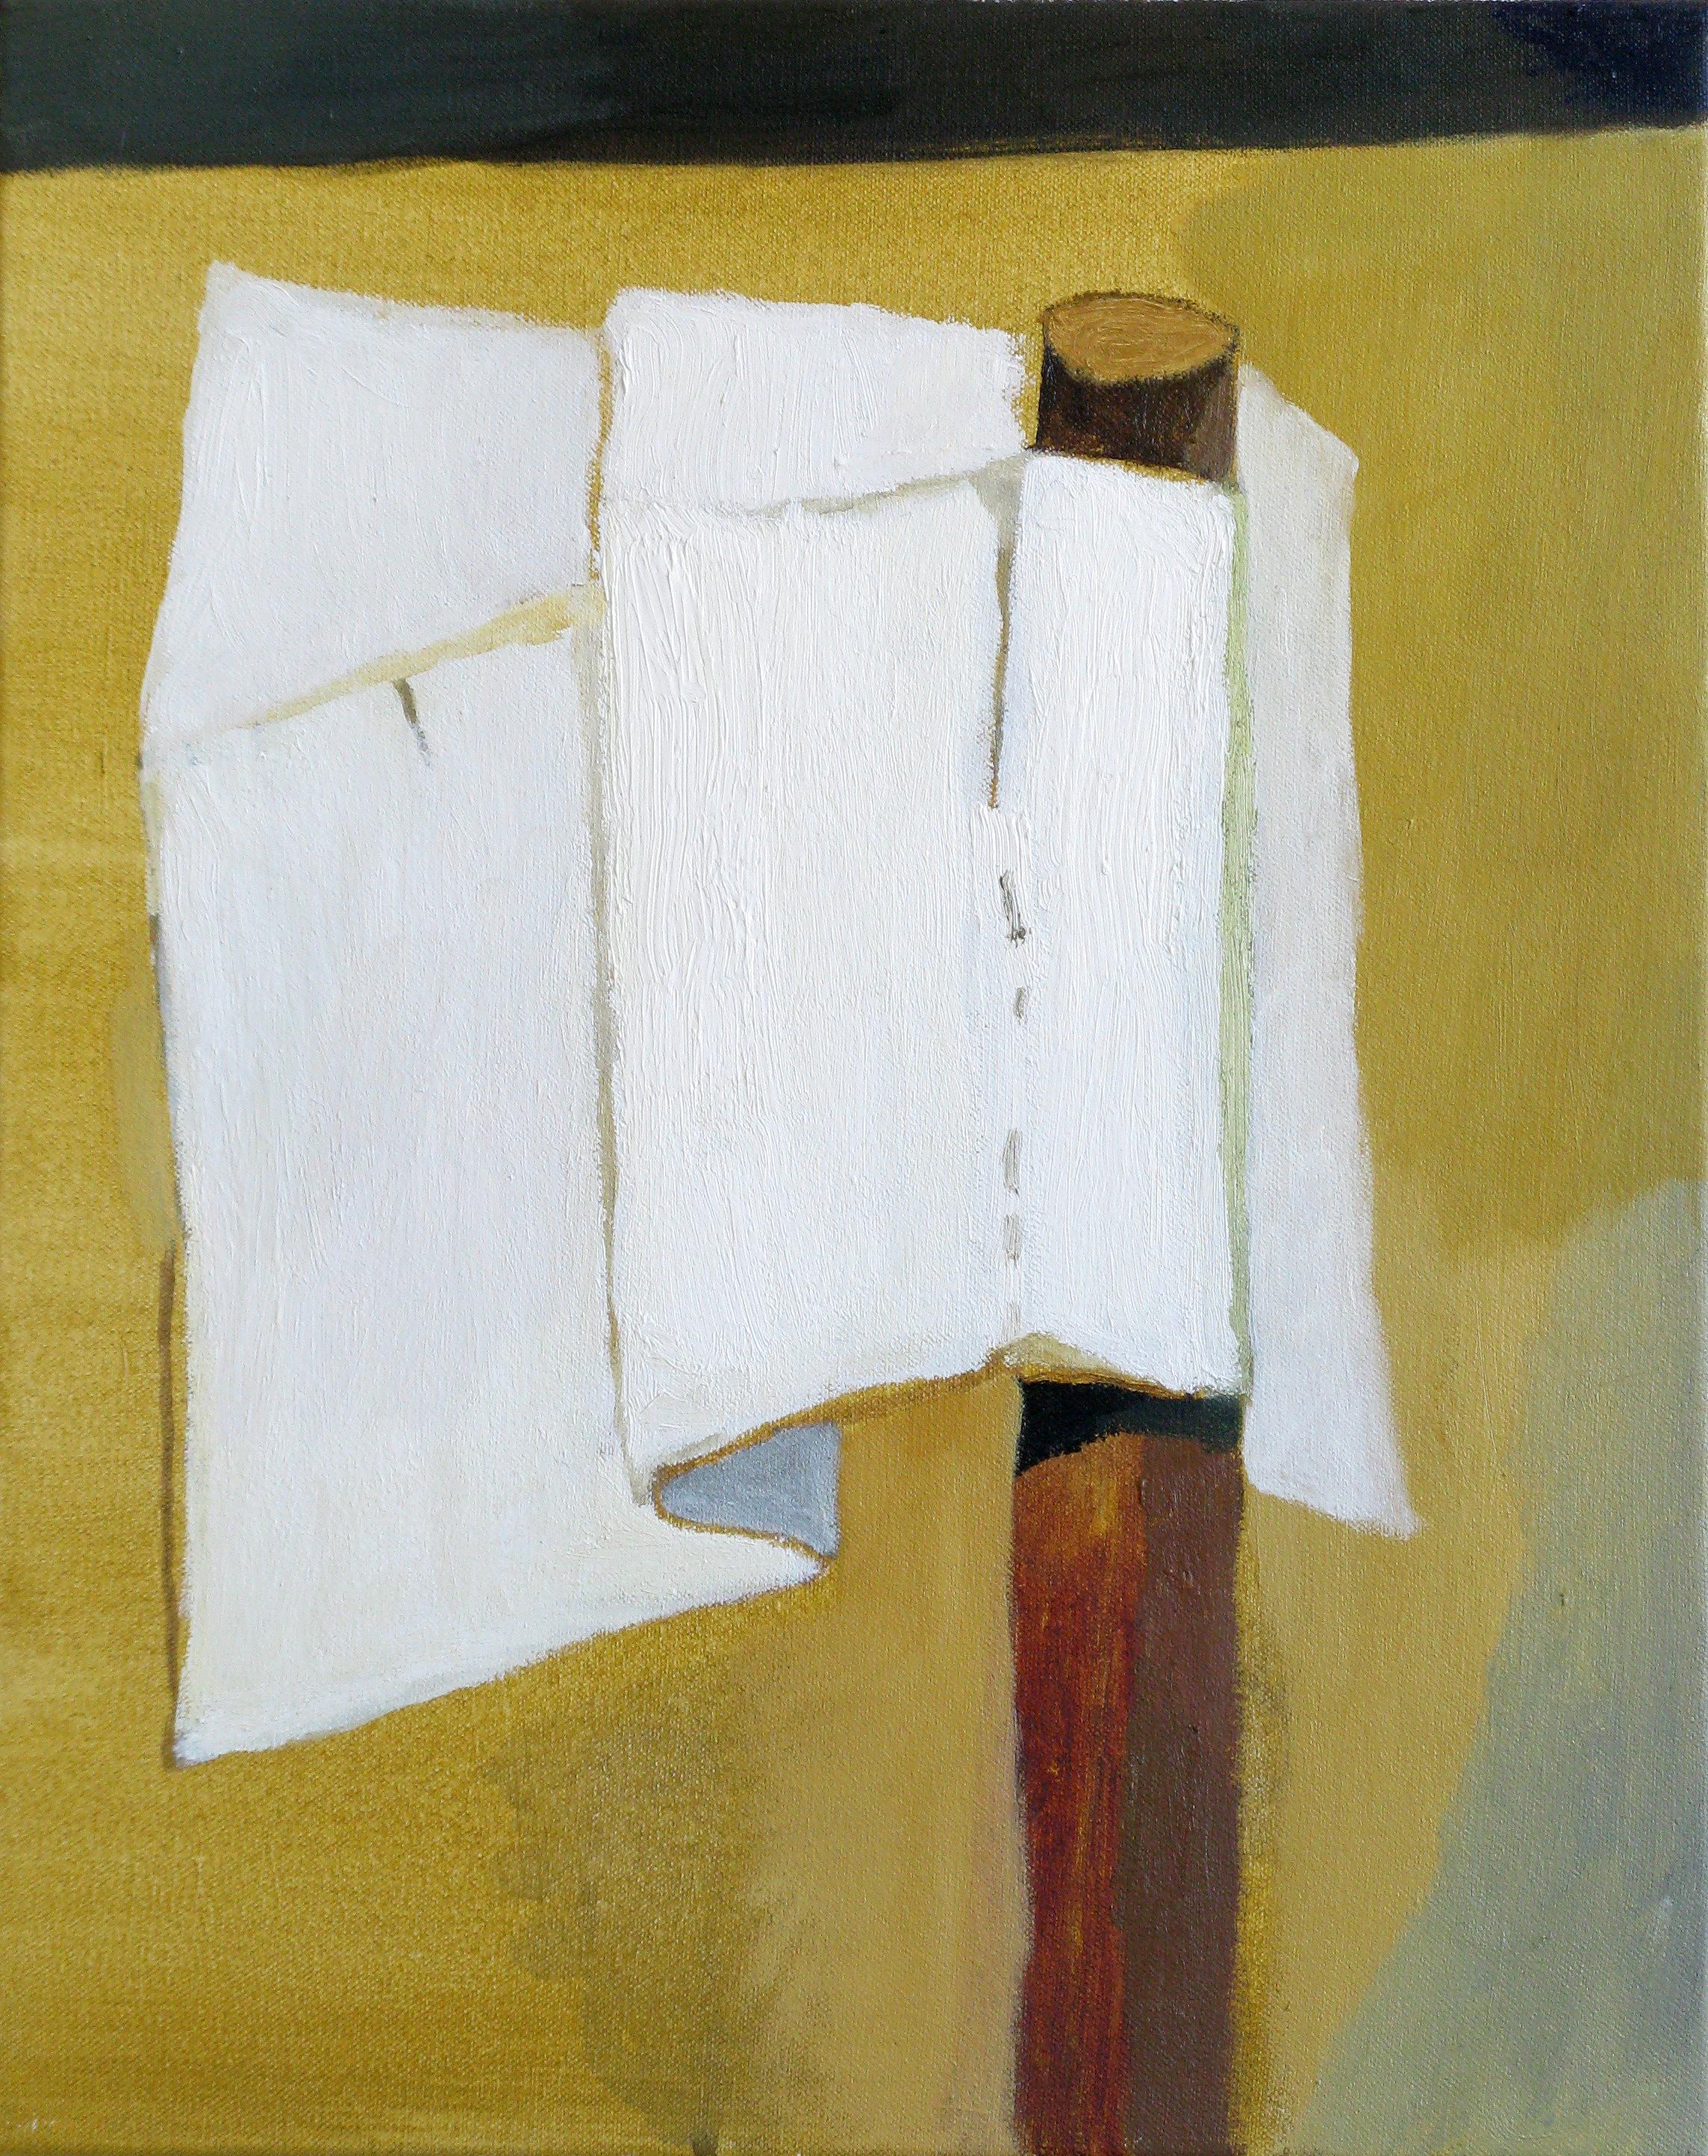 """CHRISTOPH ROßNER   Flag, oil and acrylic on canvas, 19.5"""" x 15.75"""", 2010"""